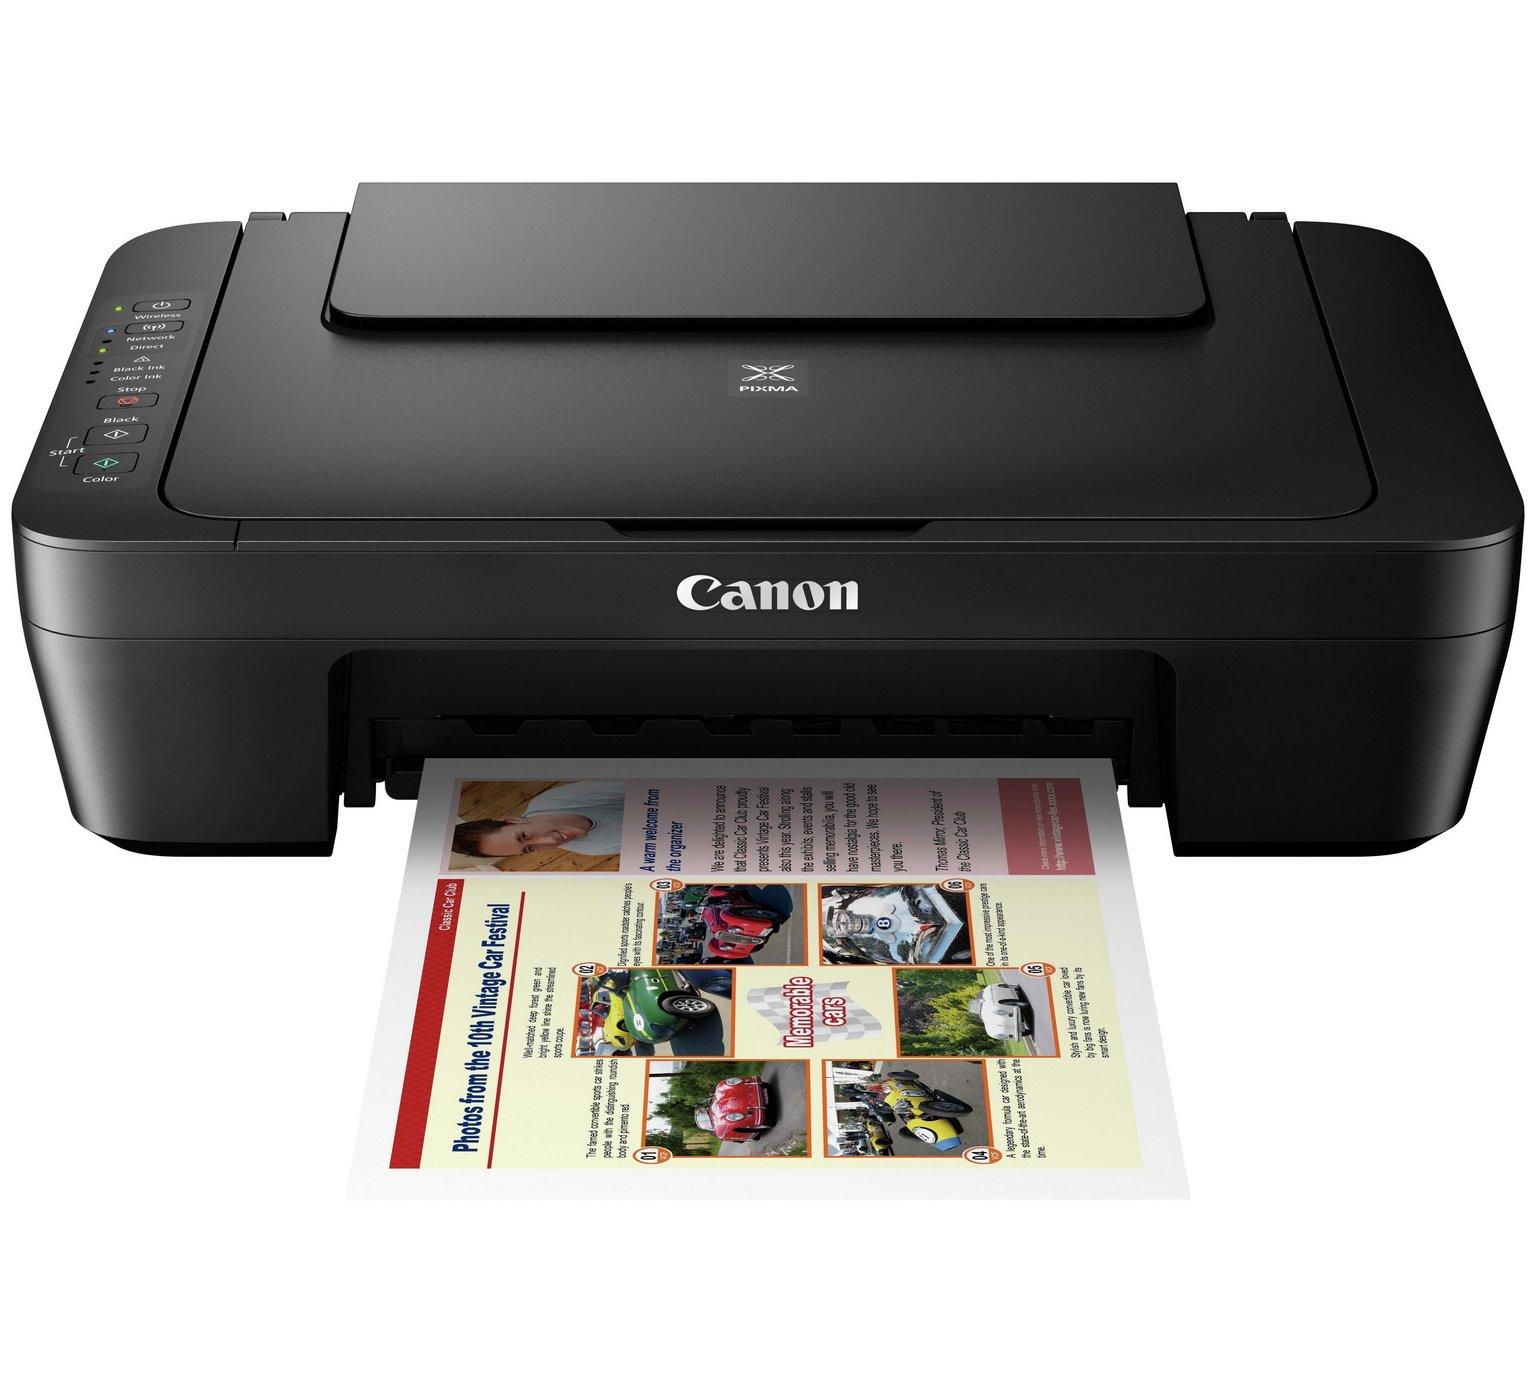 Canon Pixma MG3050 All-In-One Printer